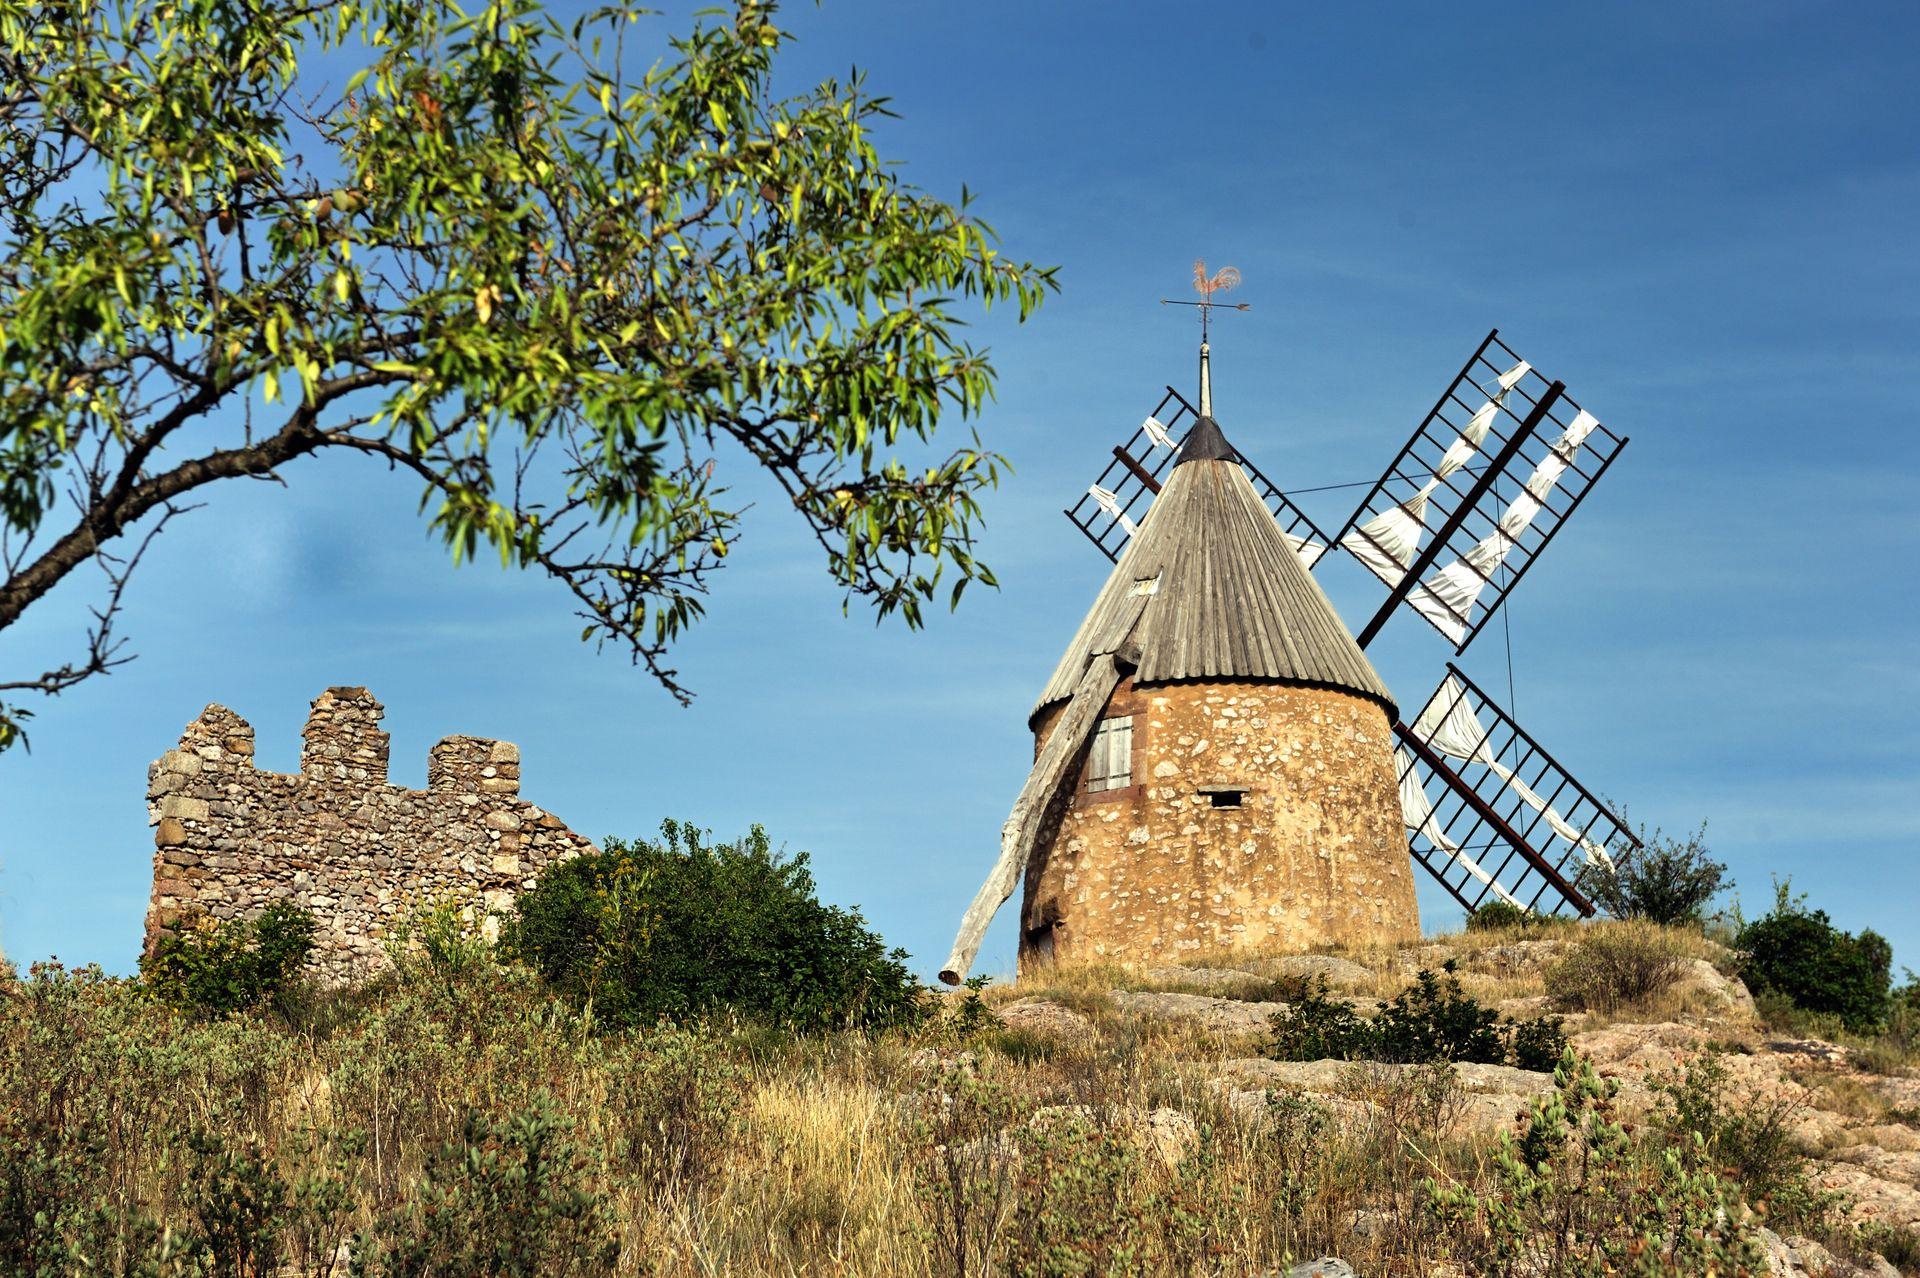 Moulin de St Chinian